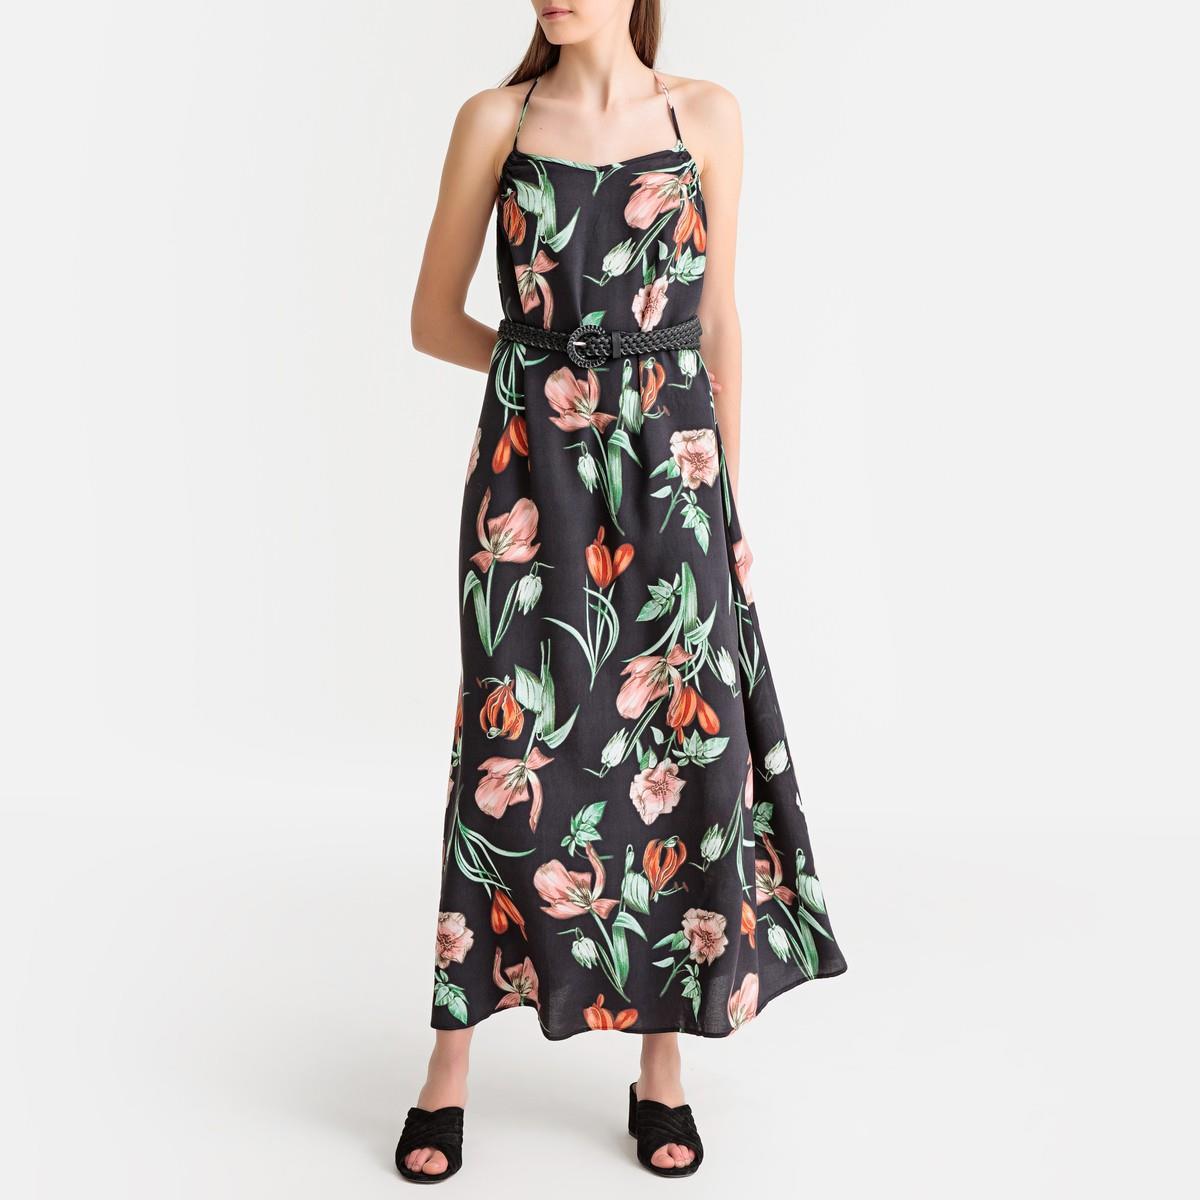 bb782a831db Vestidos largos de moda verano 2019 que quedan MUY BIEN de Zara ...